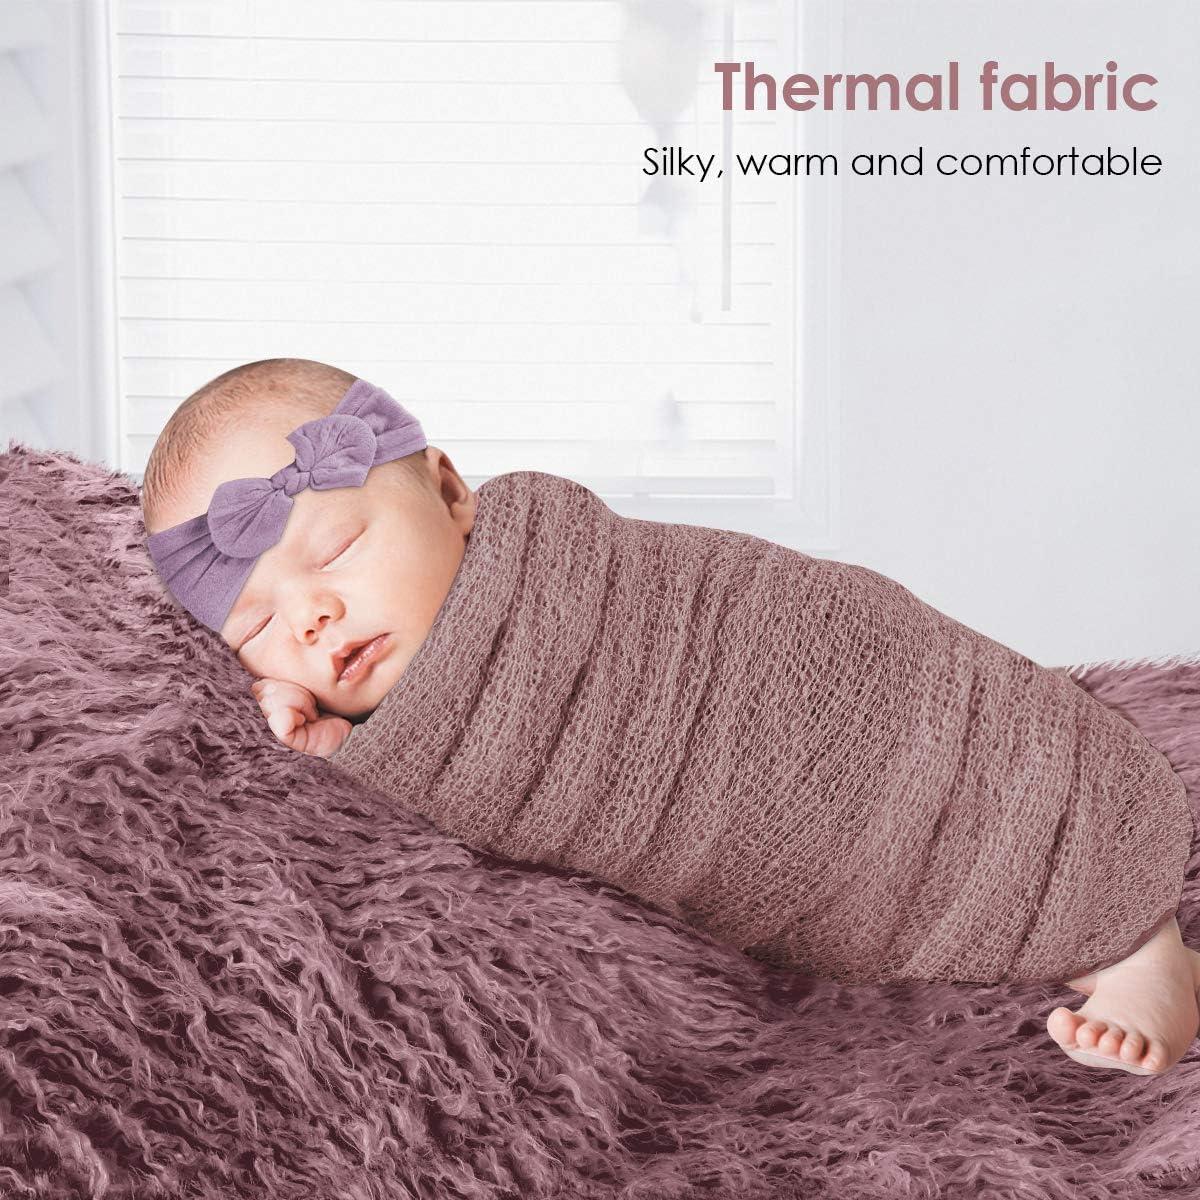 DaMohony manta para fotograf/ía de reci/én nacido alfombrilla para ni/ños y ni/ñas gris gris Juego de accesorios para fotos de beb/é manta para fotograf/ía de reci/én nacido